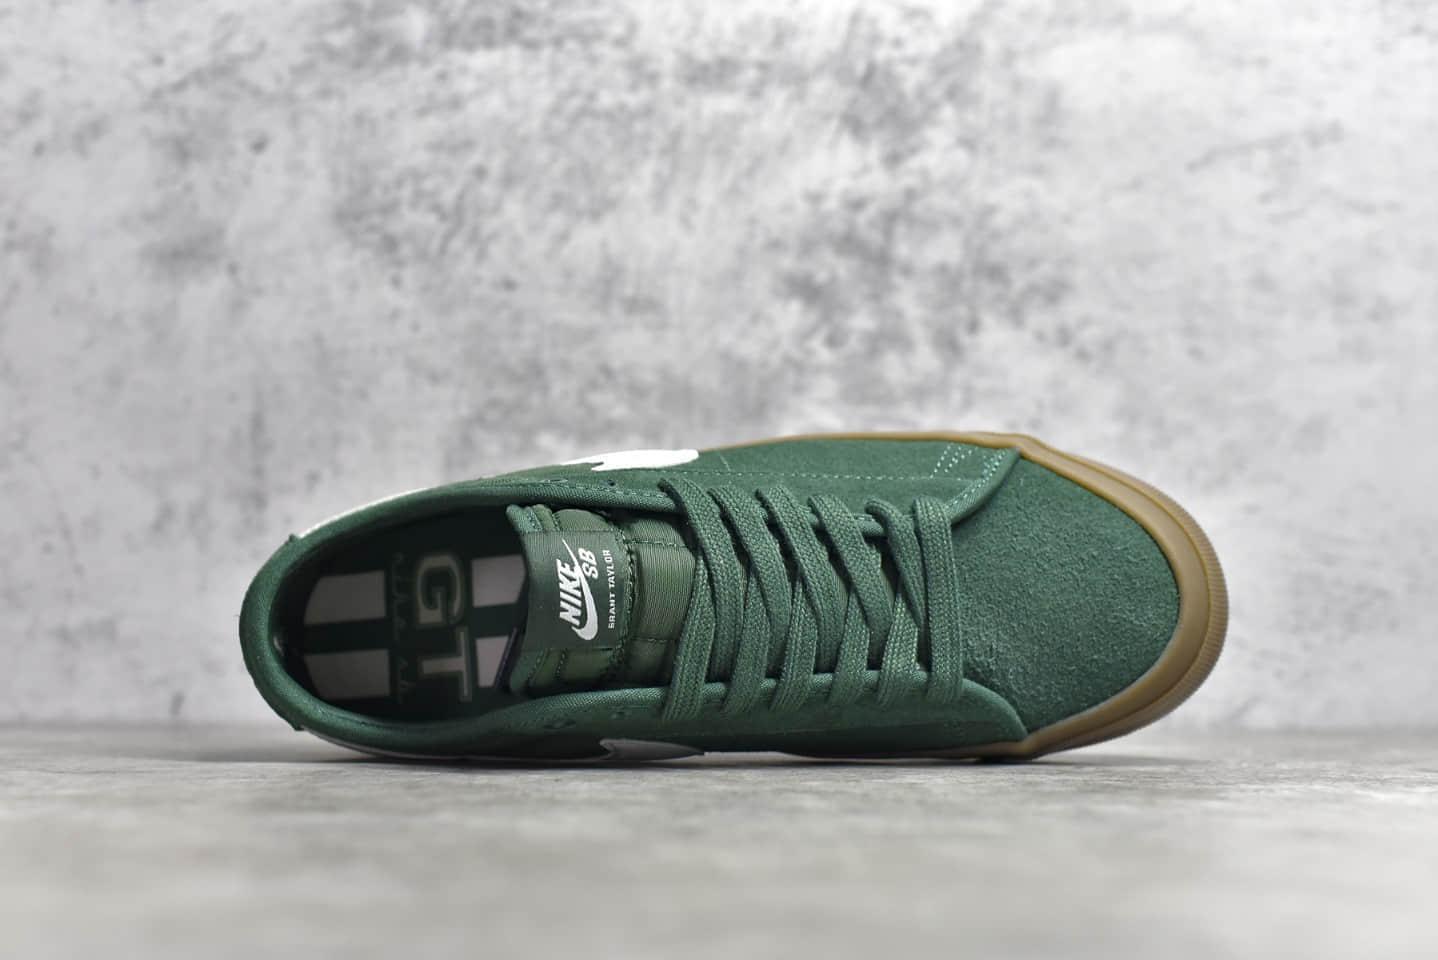 耐克SB绿色生胶板鞋 NIKE SB Zoom Blazer Low白绿生胶纯原版本耐克帆布鞋 货号:DC0603-300-潮流者之家